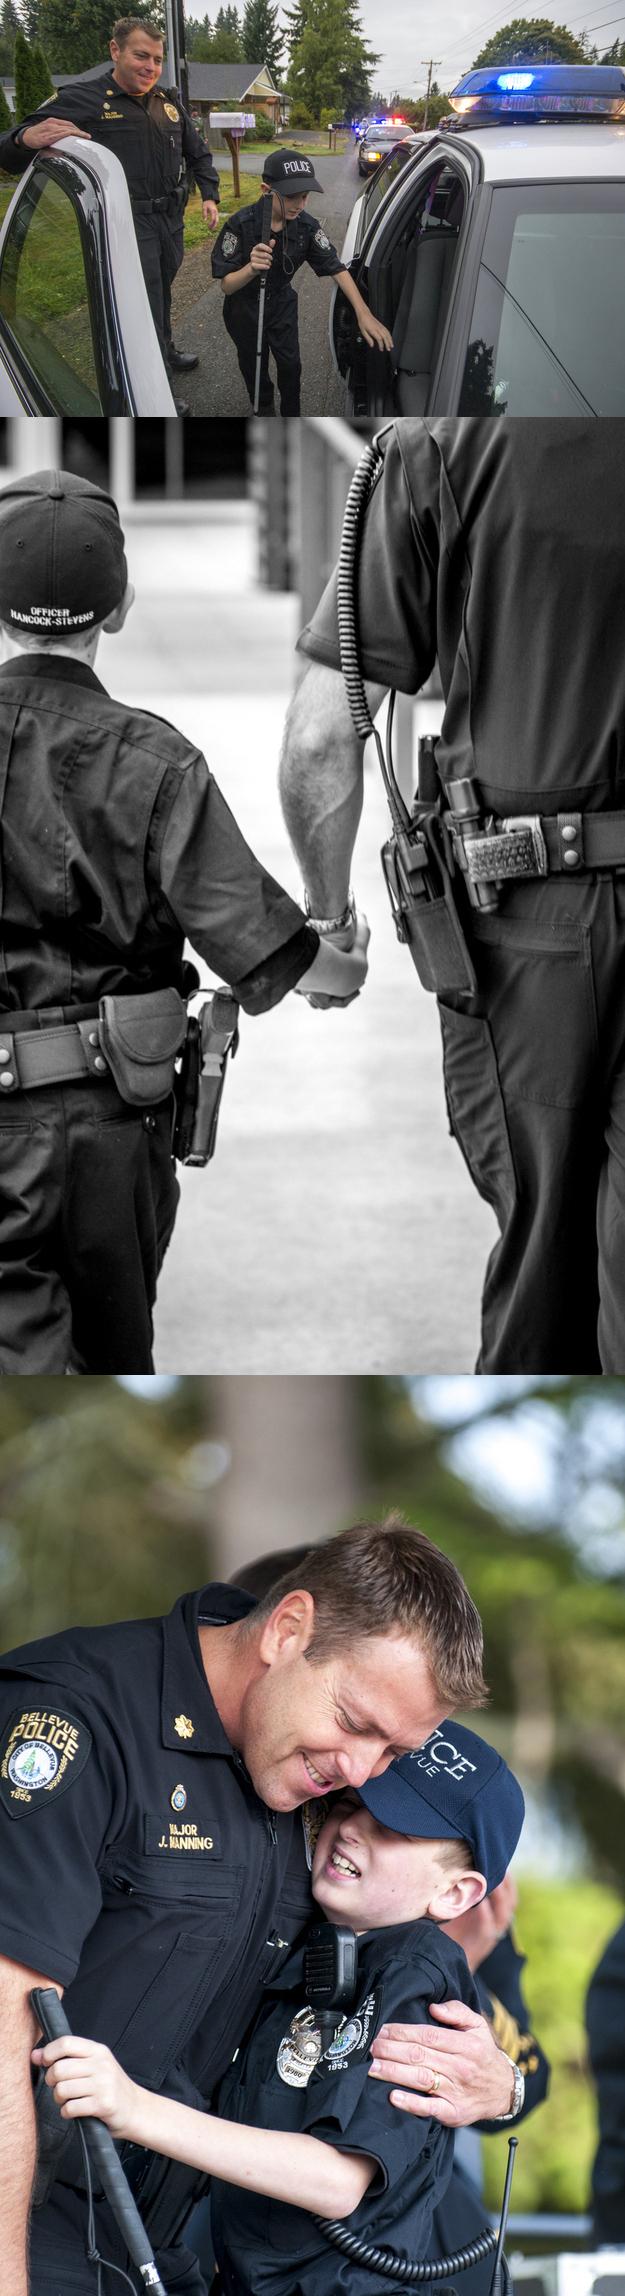 Oficiales de policía haciendo realidad el sueño del niño de 13 años Gage Hancock-Stevens de ser un poli